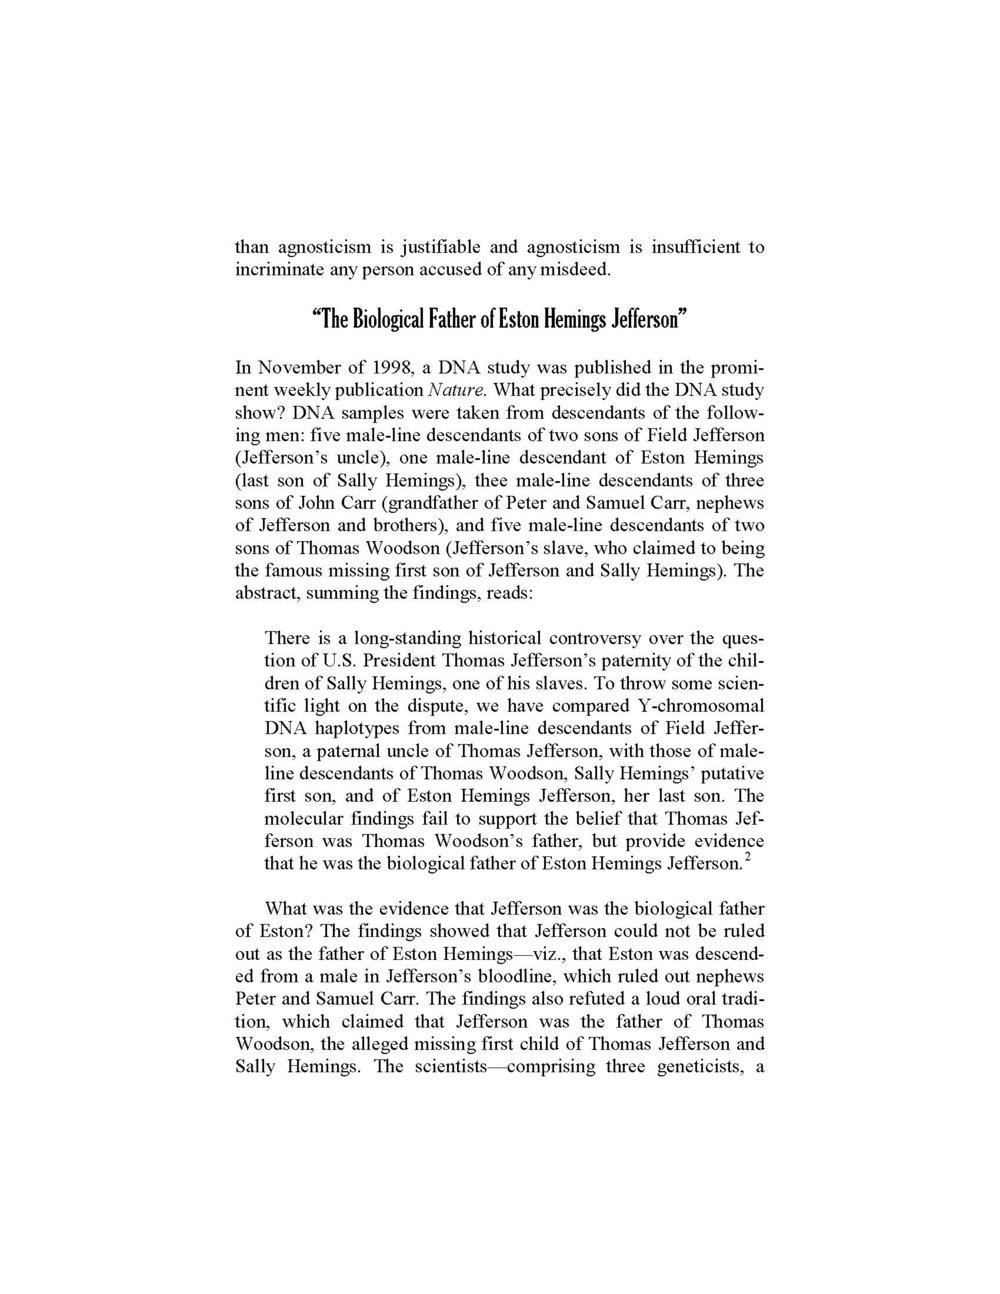 TheHistoricalPilloryingofThomasJefferson (1)_Page_03.jpg